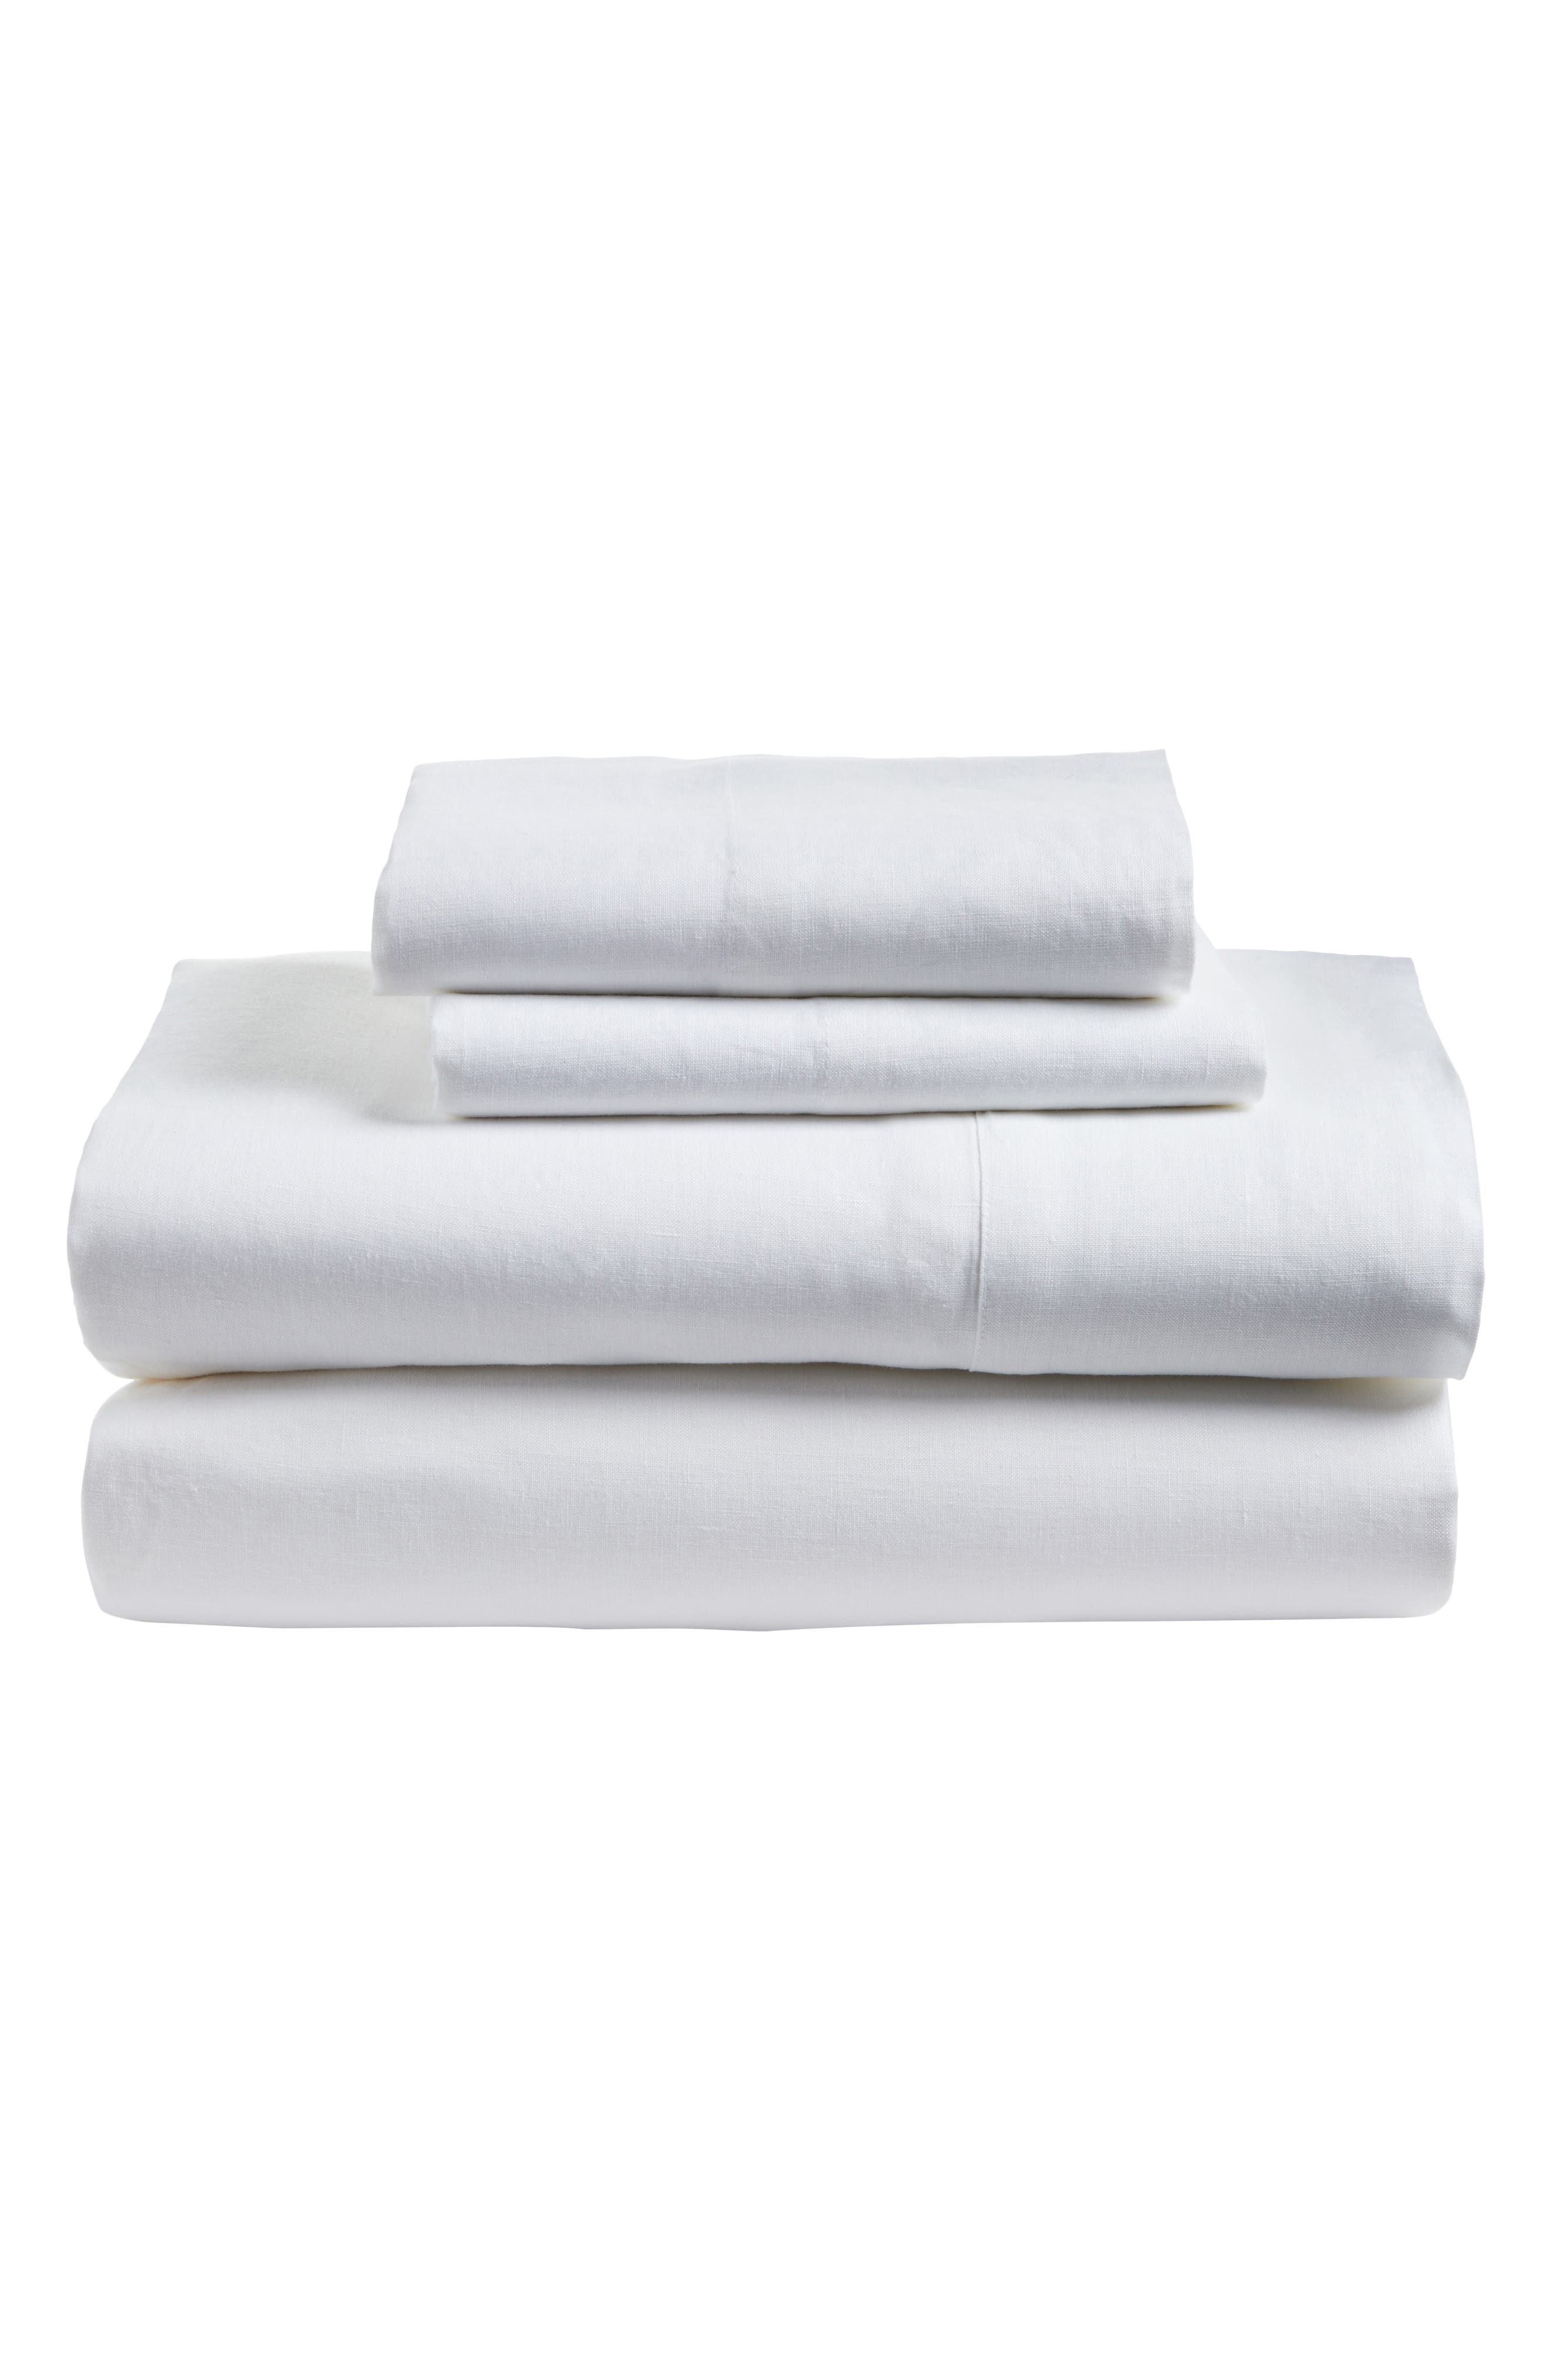 POM POM AT HOME Linen Sheet Set, Main, color, WHITE